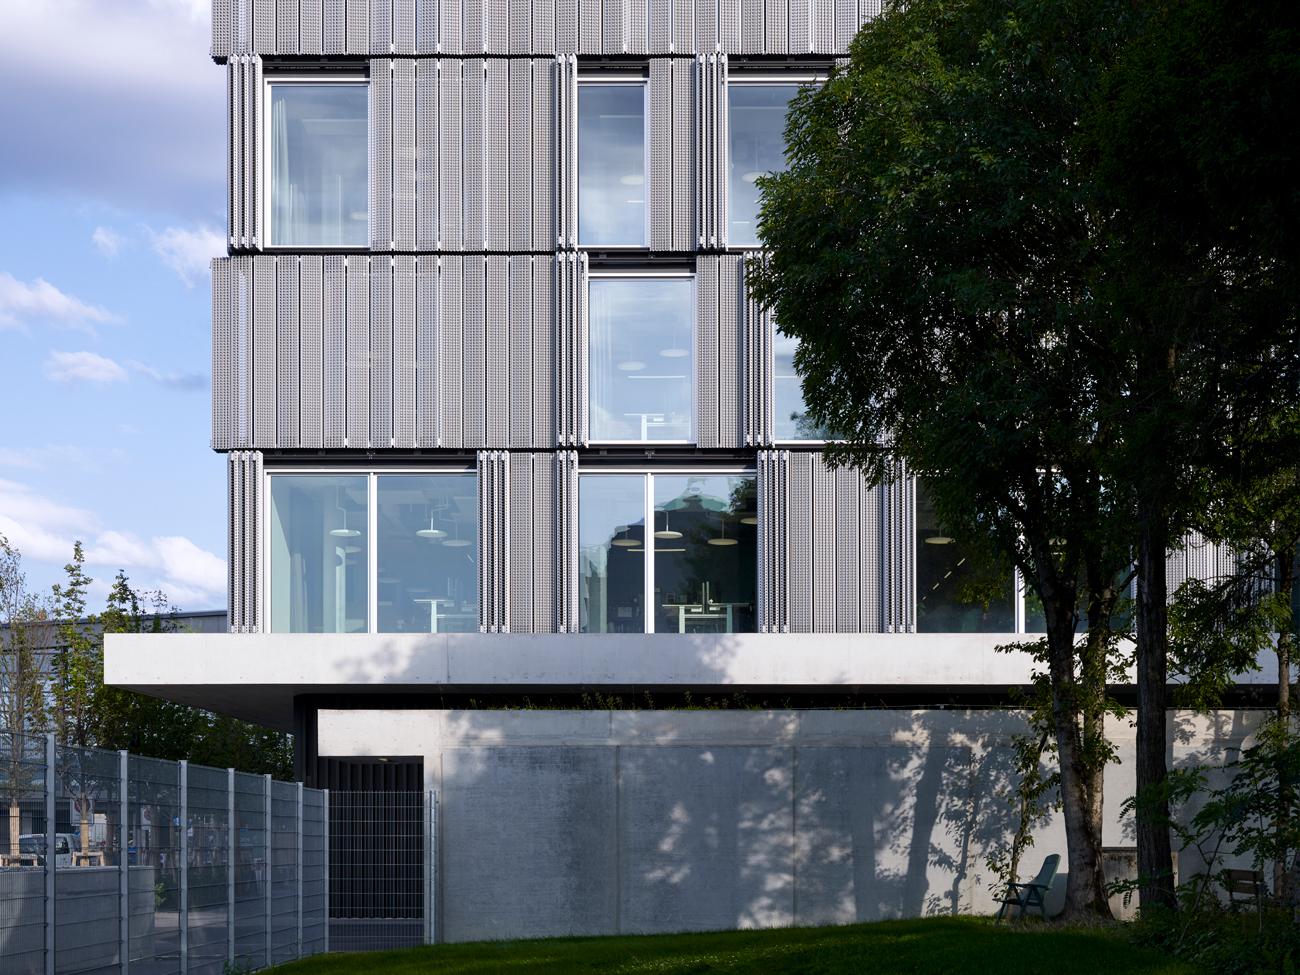 Exterior designed by Herzog & de Meuron